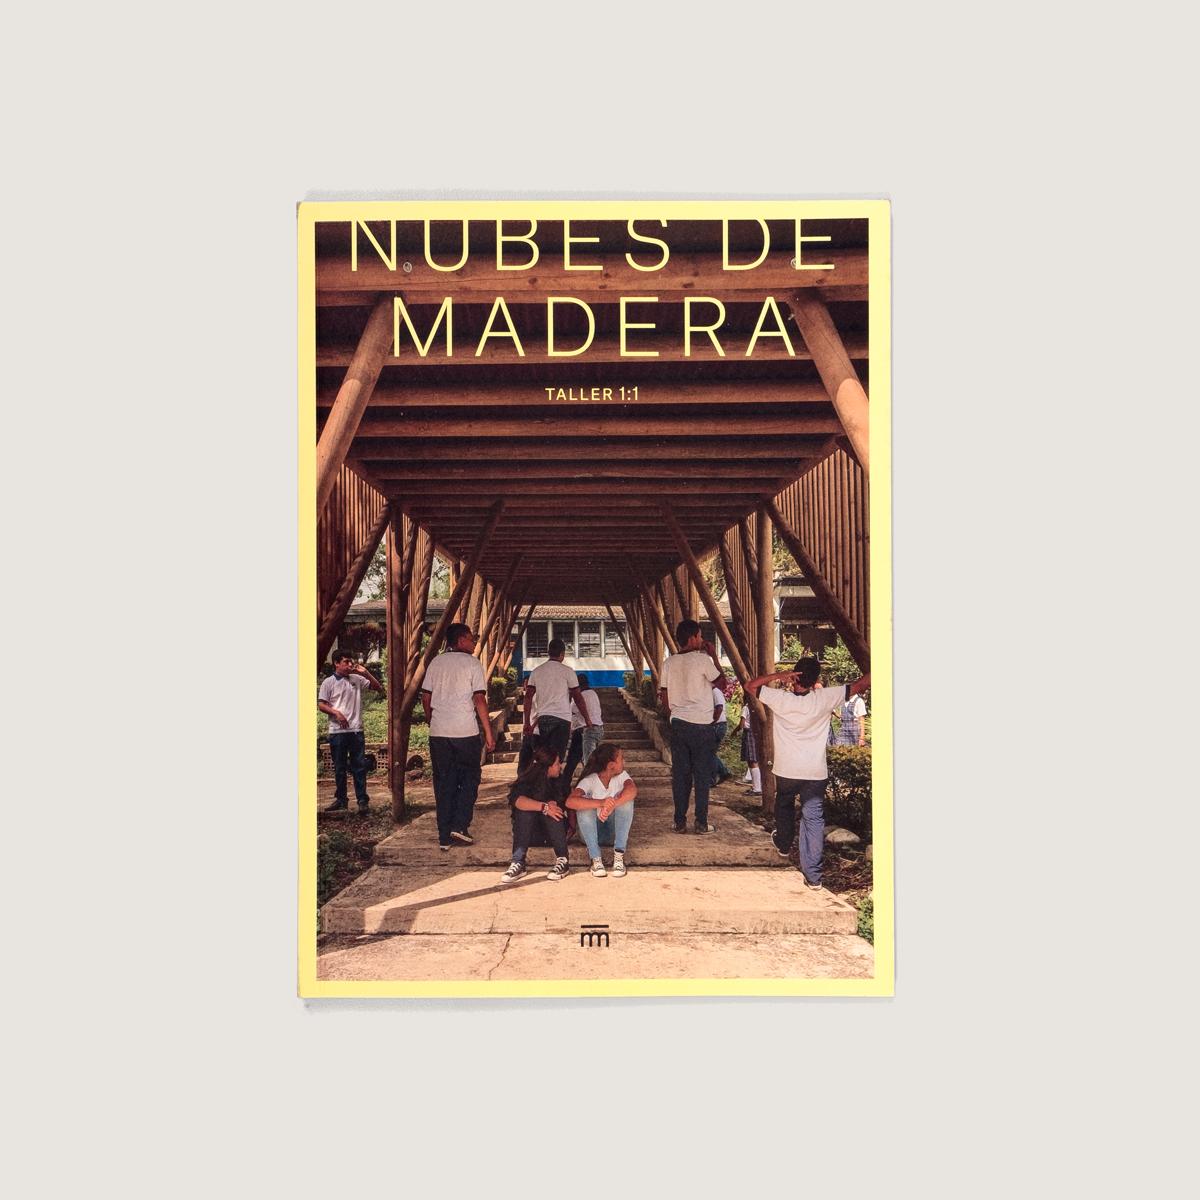 Nubes de madera / Felipe Mesa, Miguel Mesa  $45.000